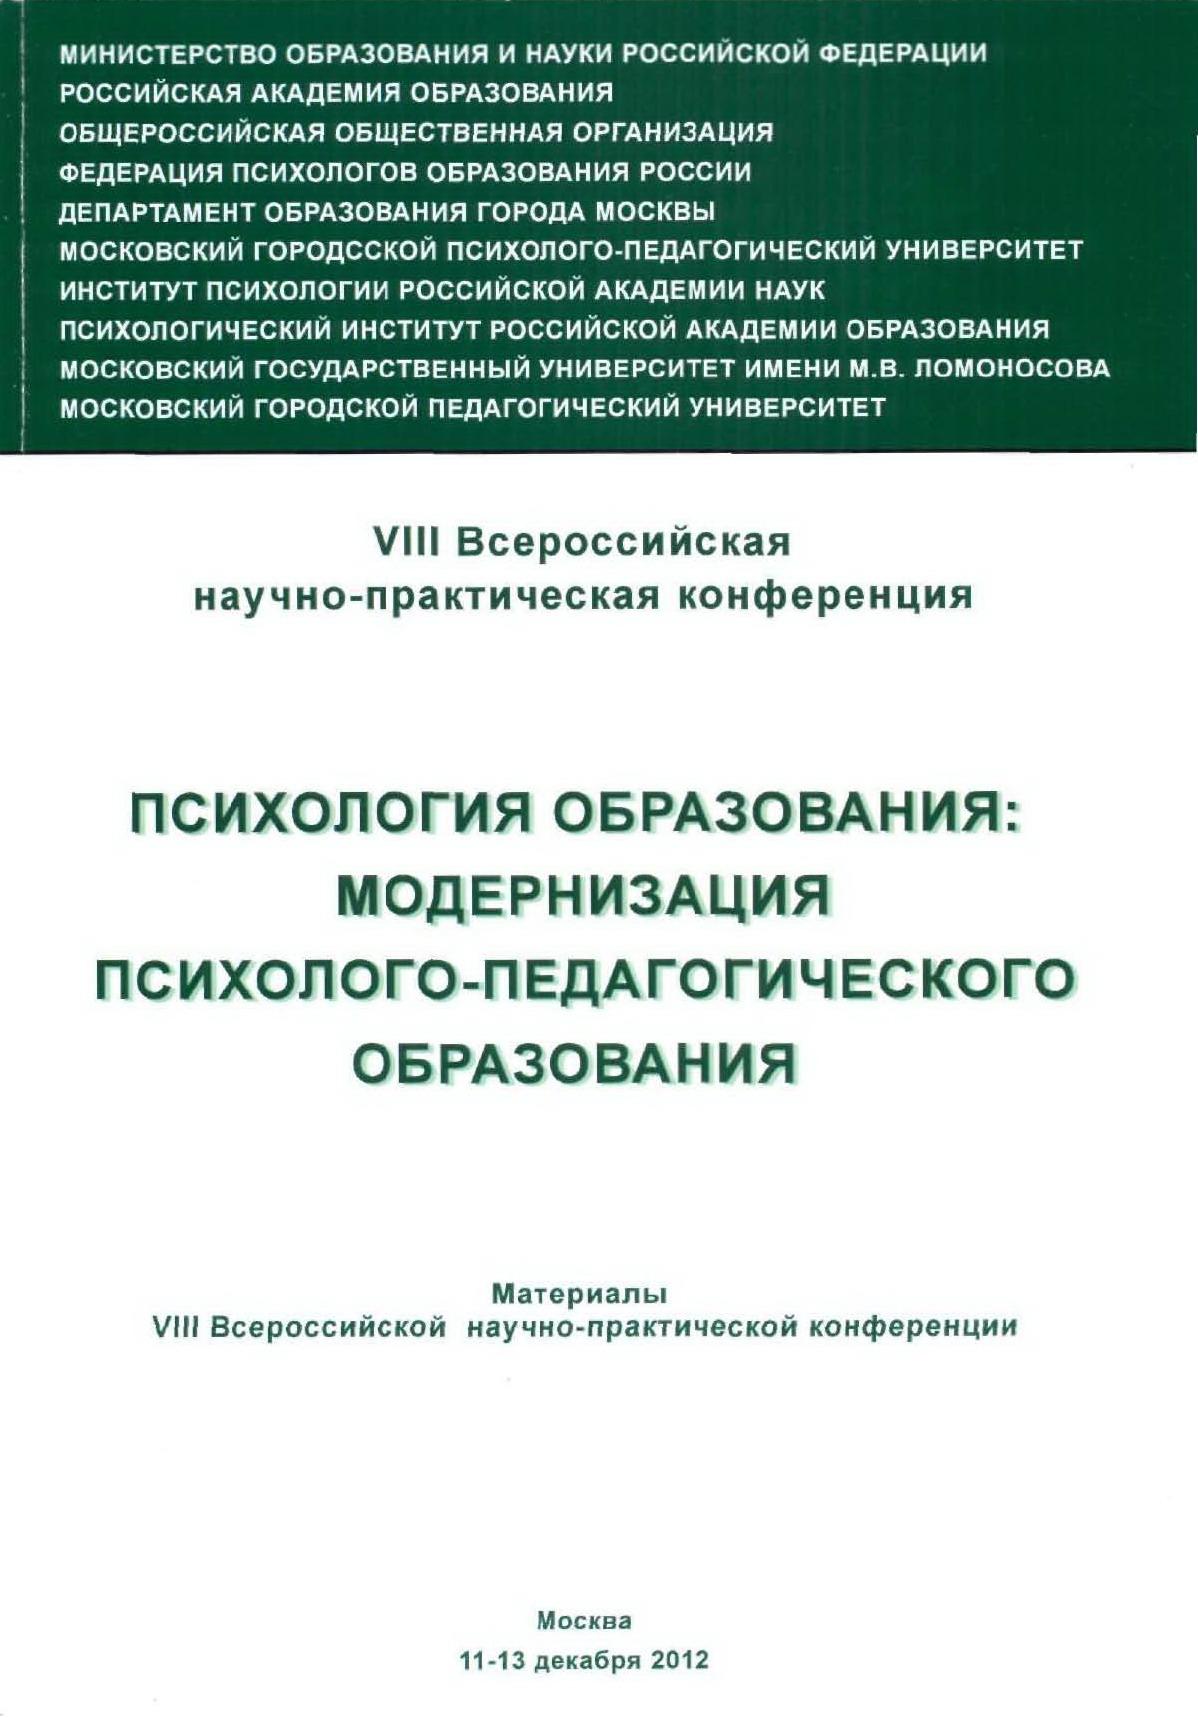 Психология образования: Модернизация психолого-педагогического образования. Материалы VIII Всероссийской научно-практической конференции